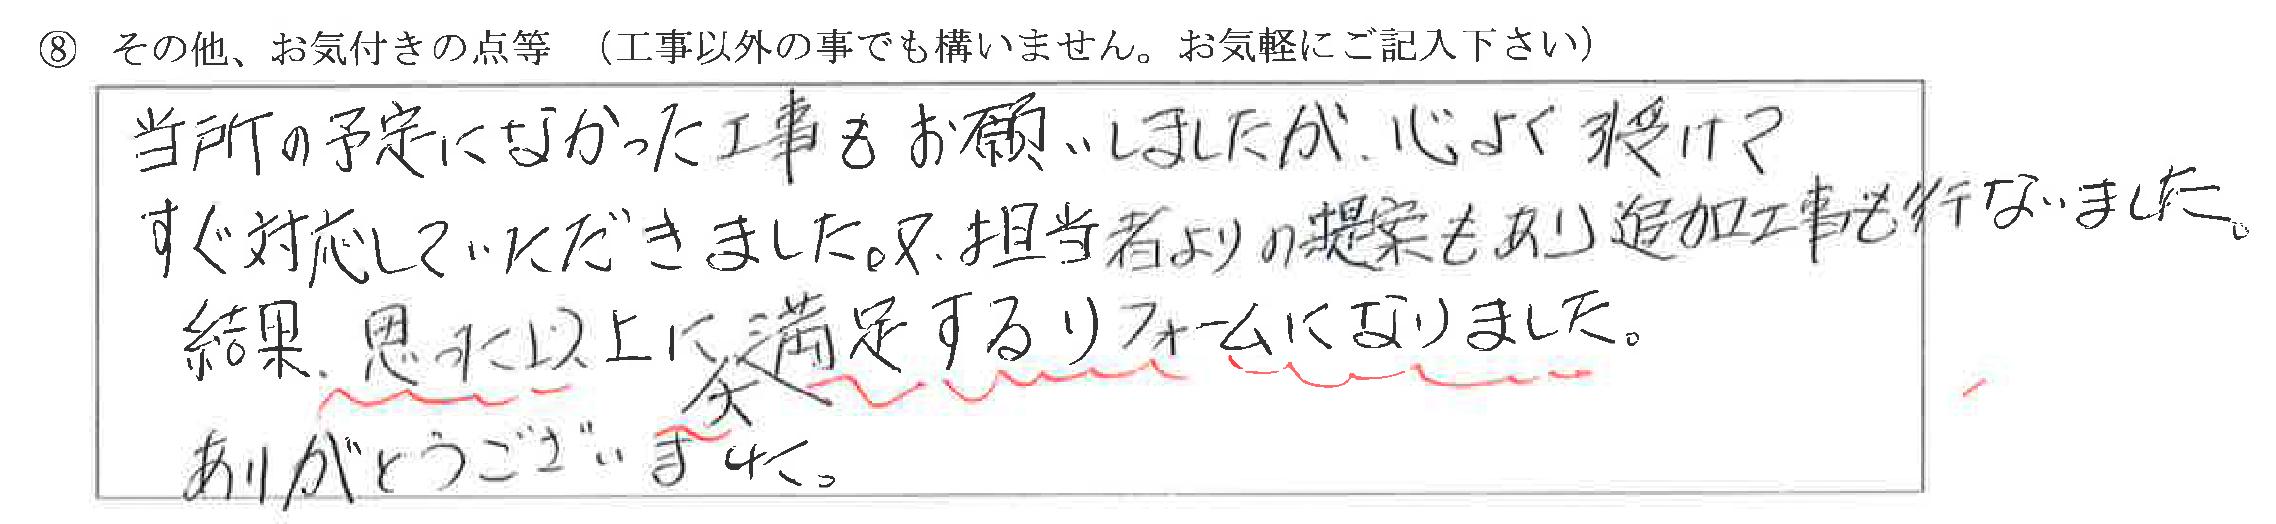 富山県富山市M様に頂いた住宅メンテナンスについてのお気づきの点がありましたら、お聞かせ下さい。というご質問について「住宅メンテナンス工事 【お喜びの声】」というお声についての画像